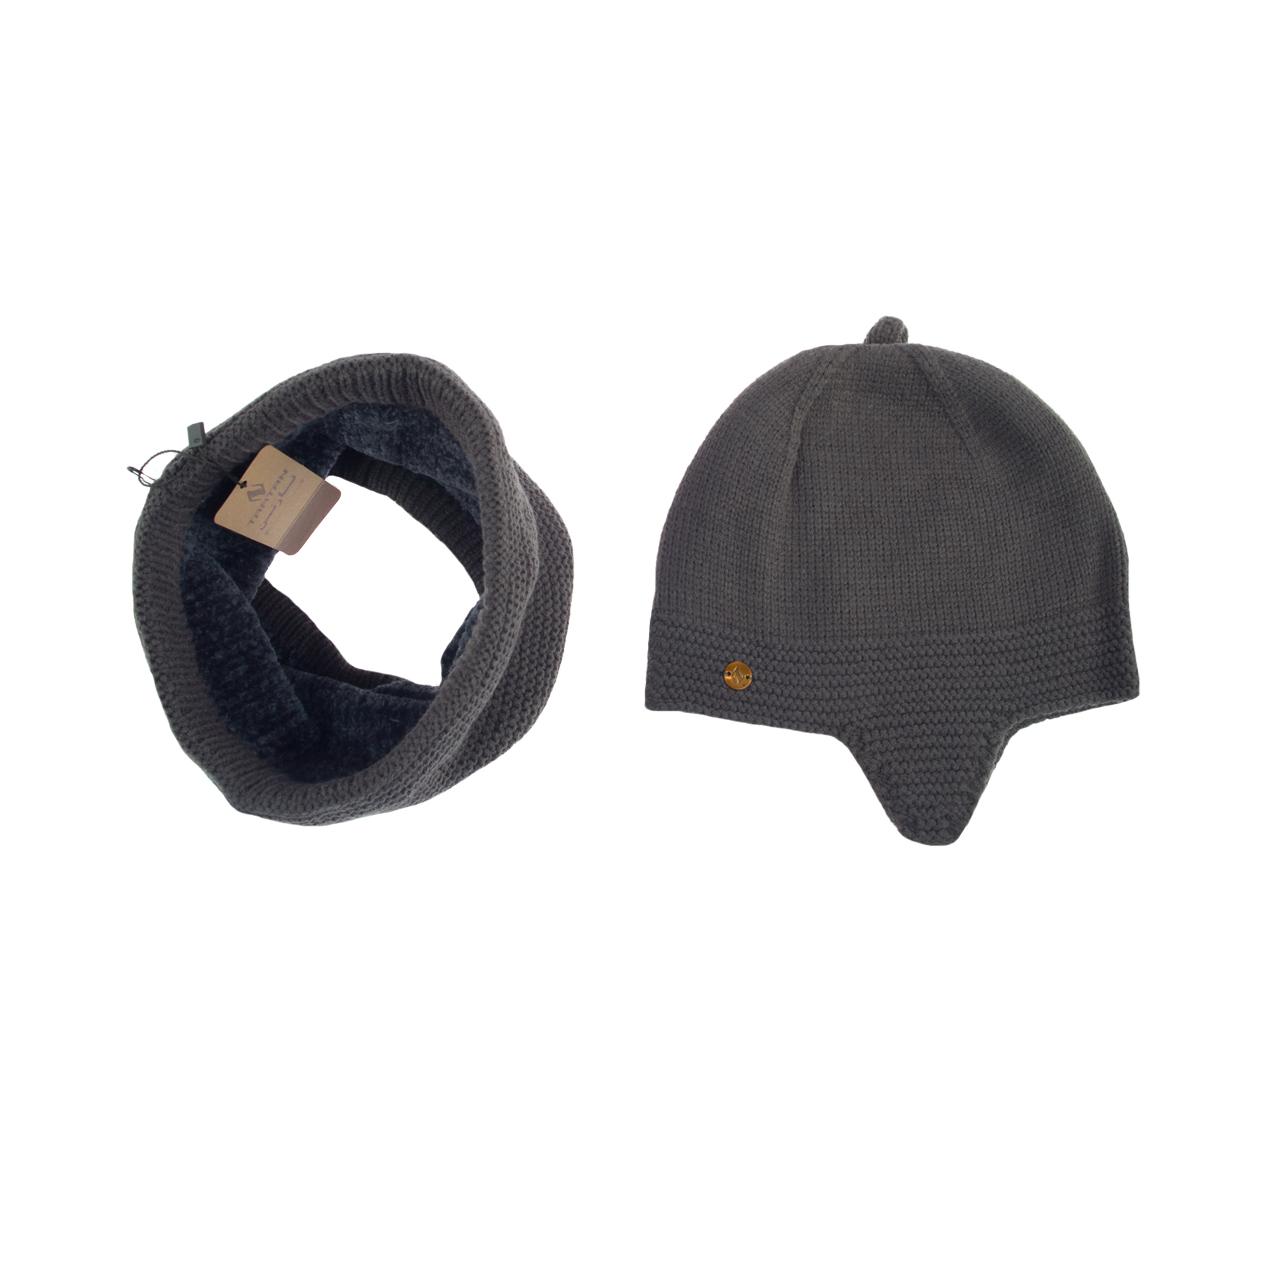 ست کلاه و شال گردن بافتنی تارتن مدل 70016 رنگ ذغالی